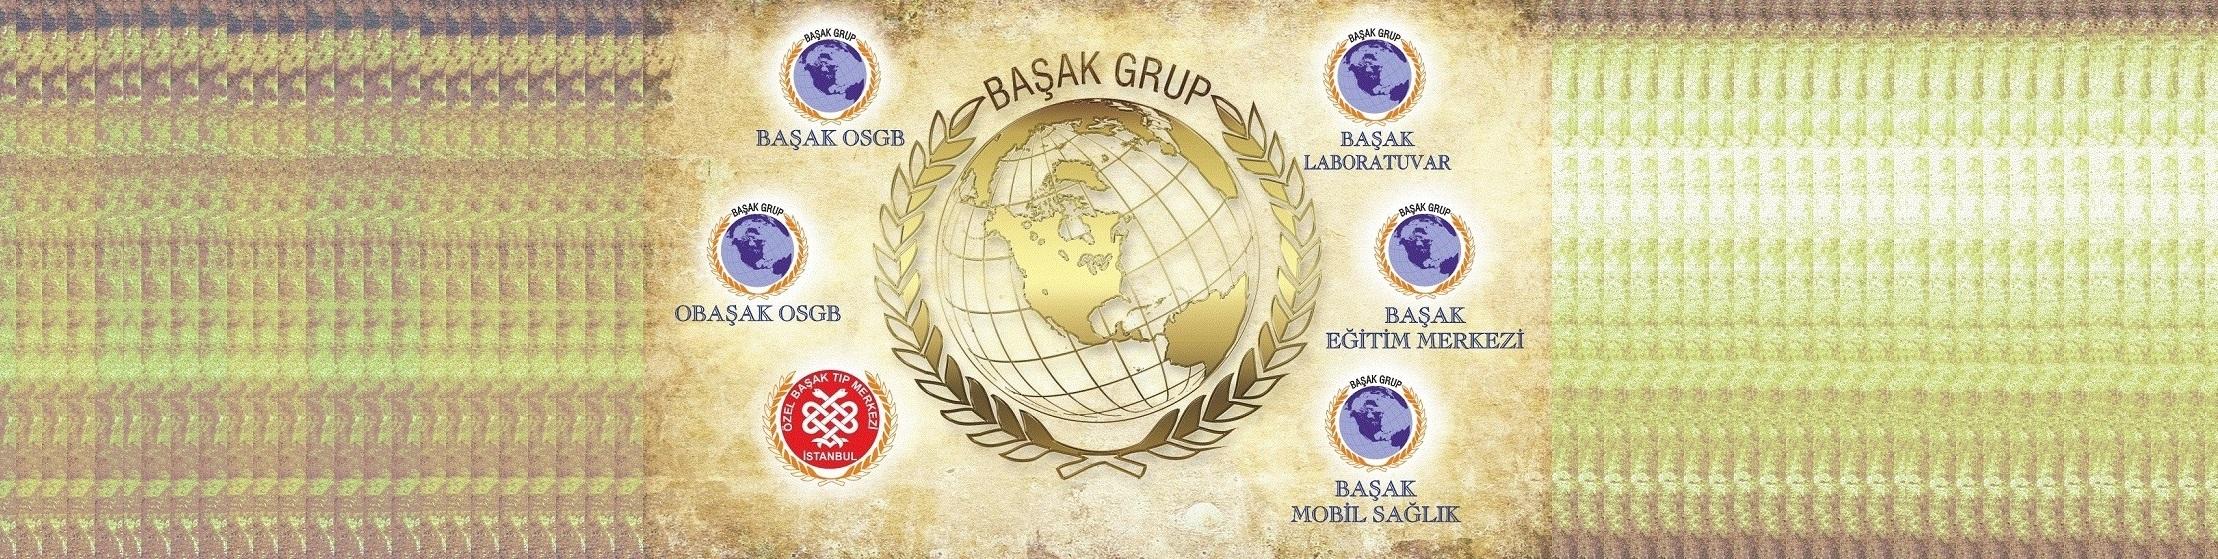 BA�AK GRUP